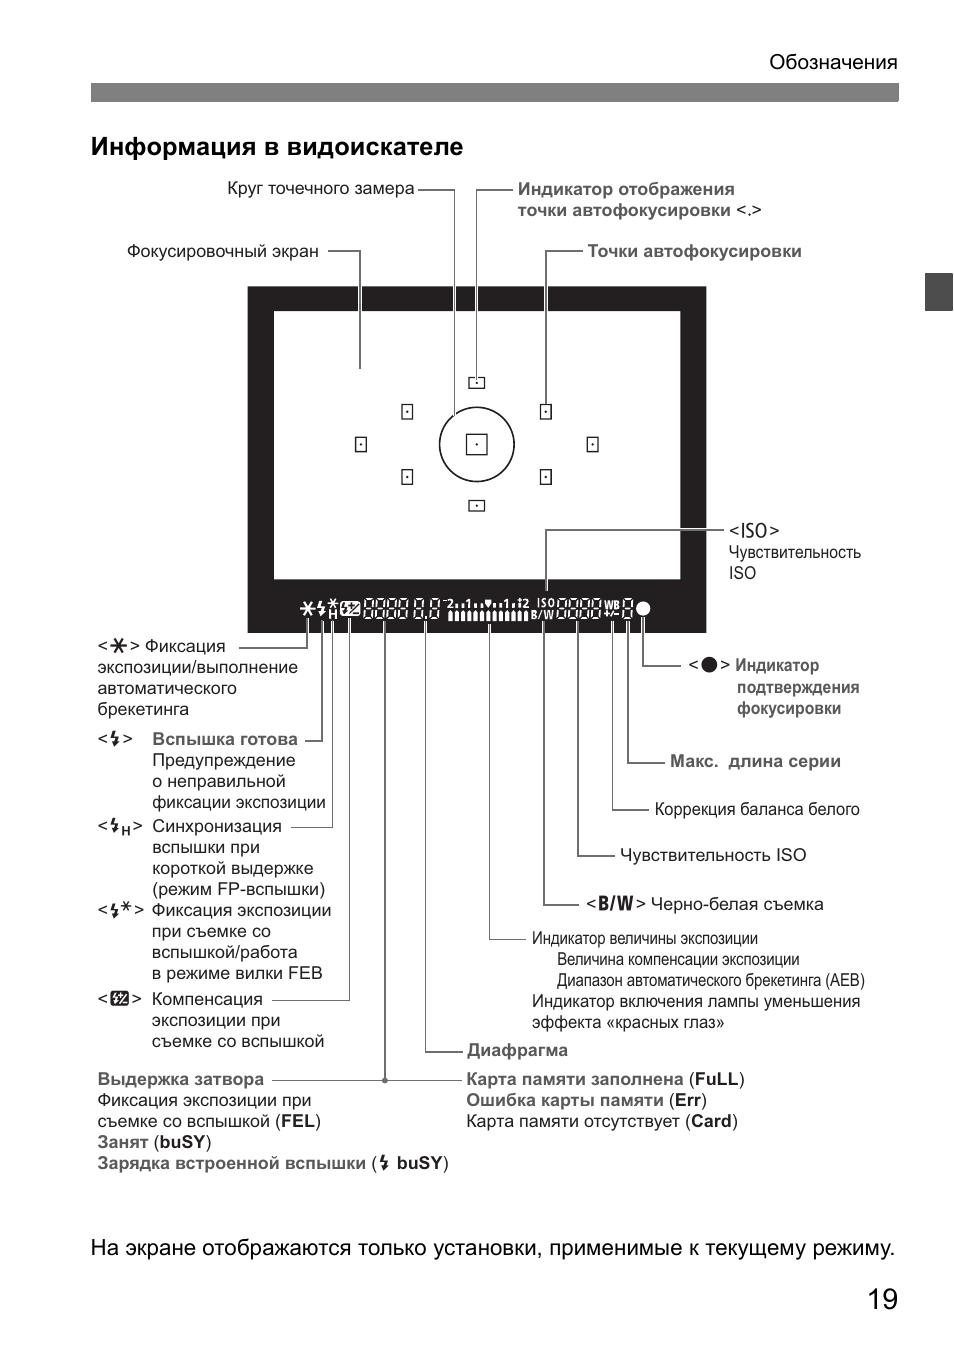 canon 450d инструкция на русском читать